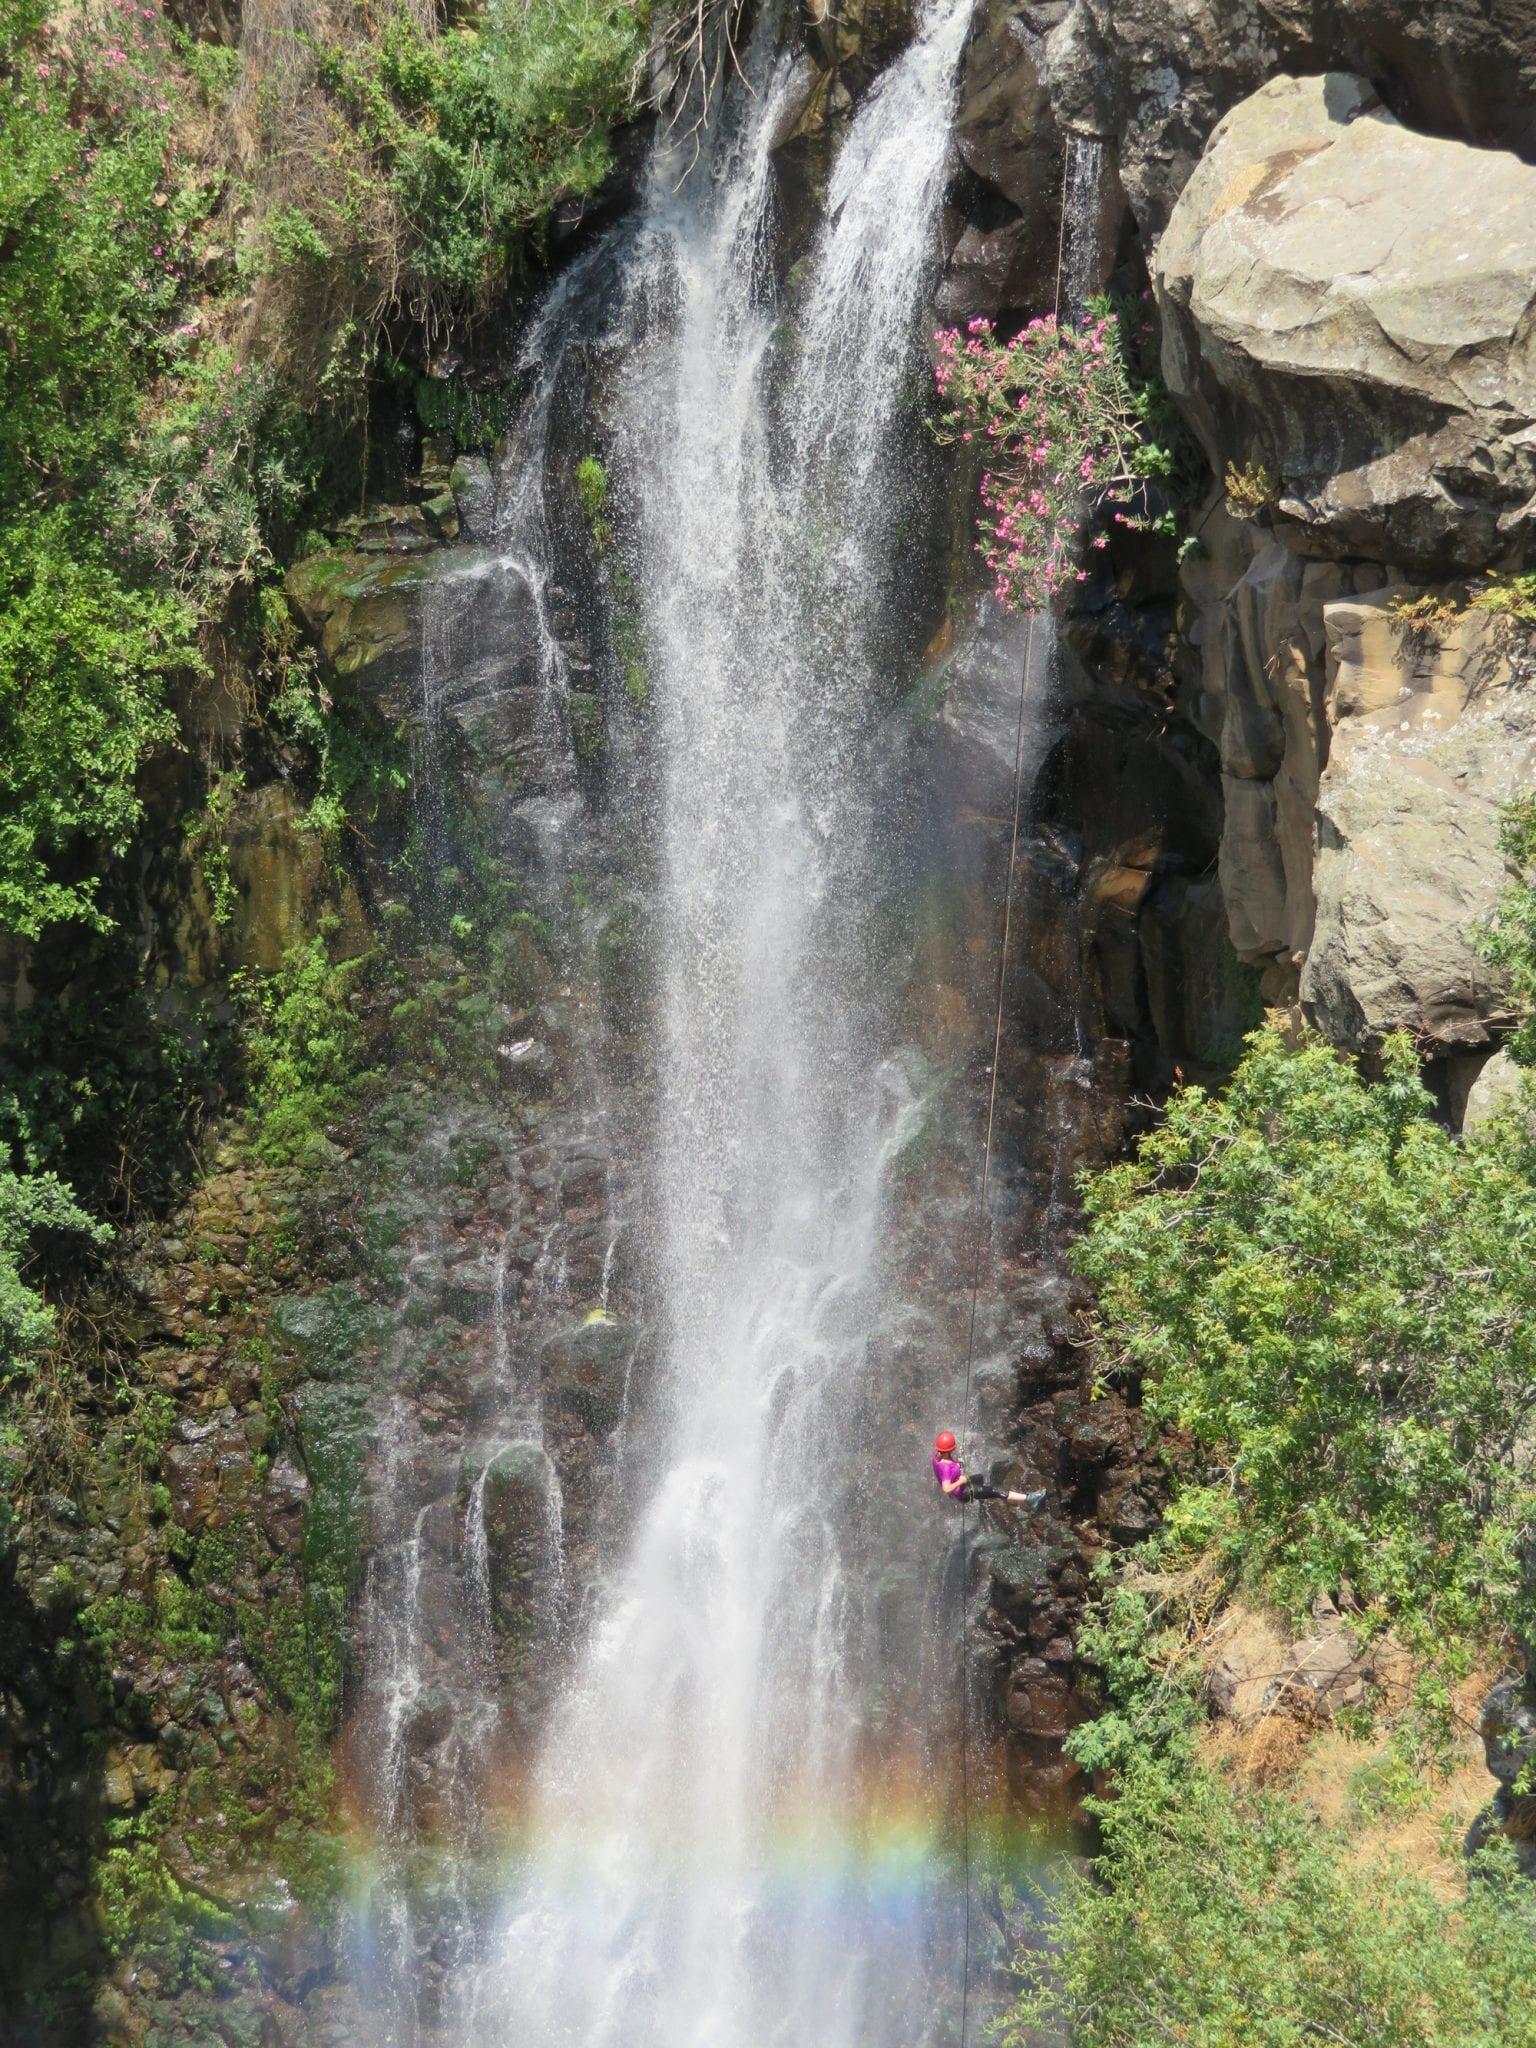 סנפלינג רטוב בצפון - ג'ילבון - ערוצים בטבע